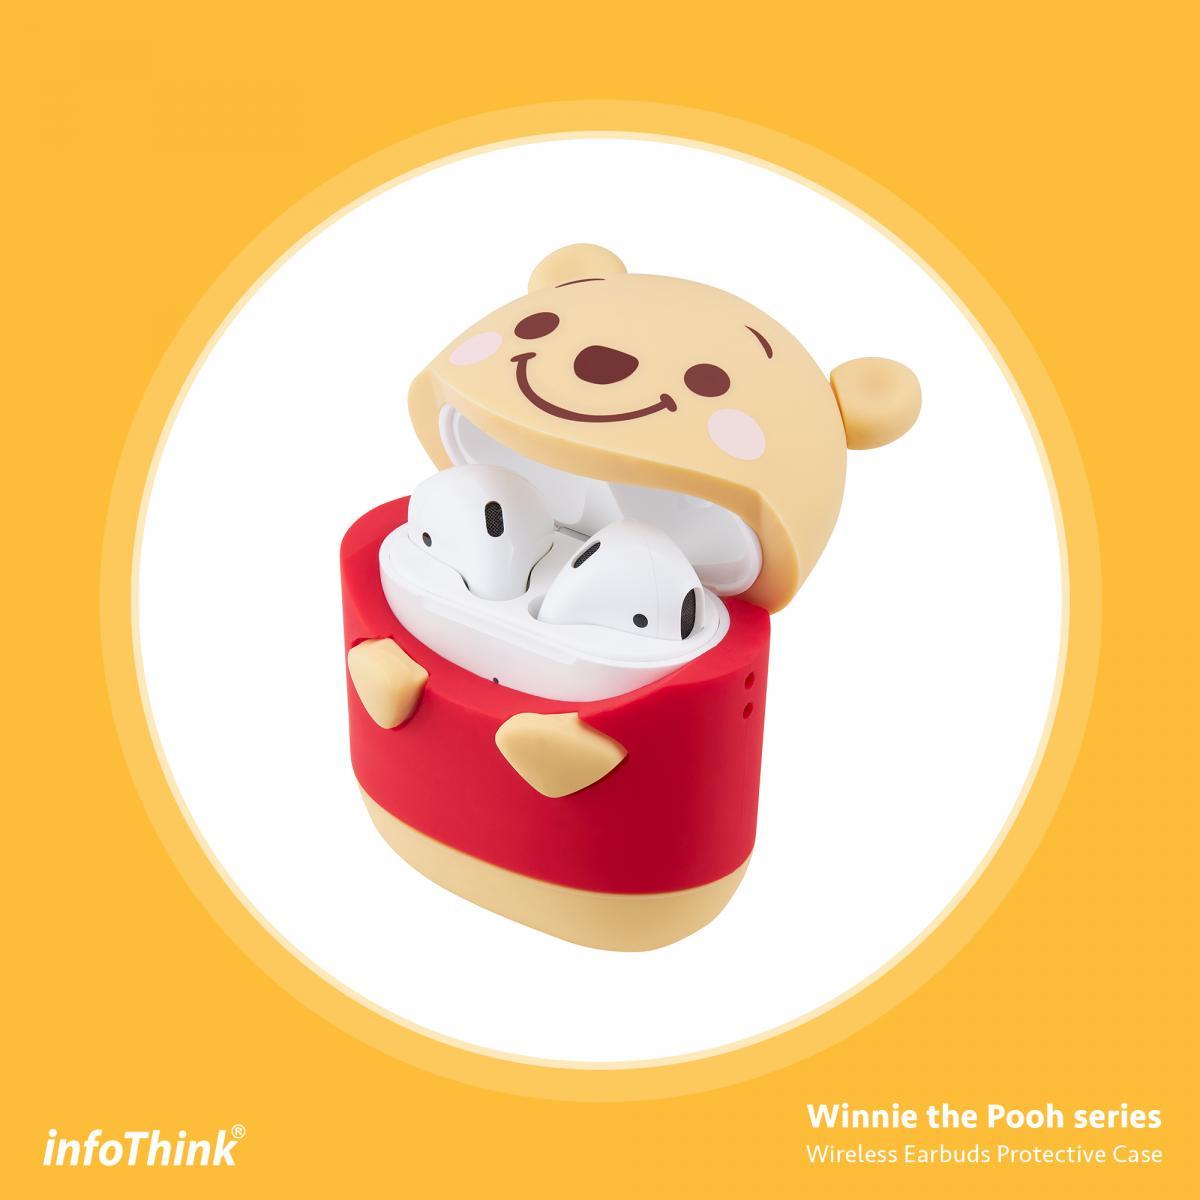 Disney迪士尼  AirPods 小熊維尼無線耳機造型保護套 iphone無線耳機 適用1、2代 Winnie the Pooh正版3C